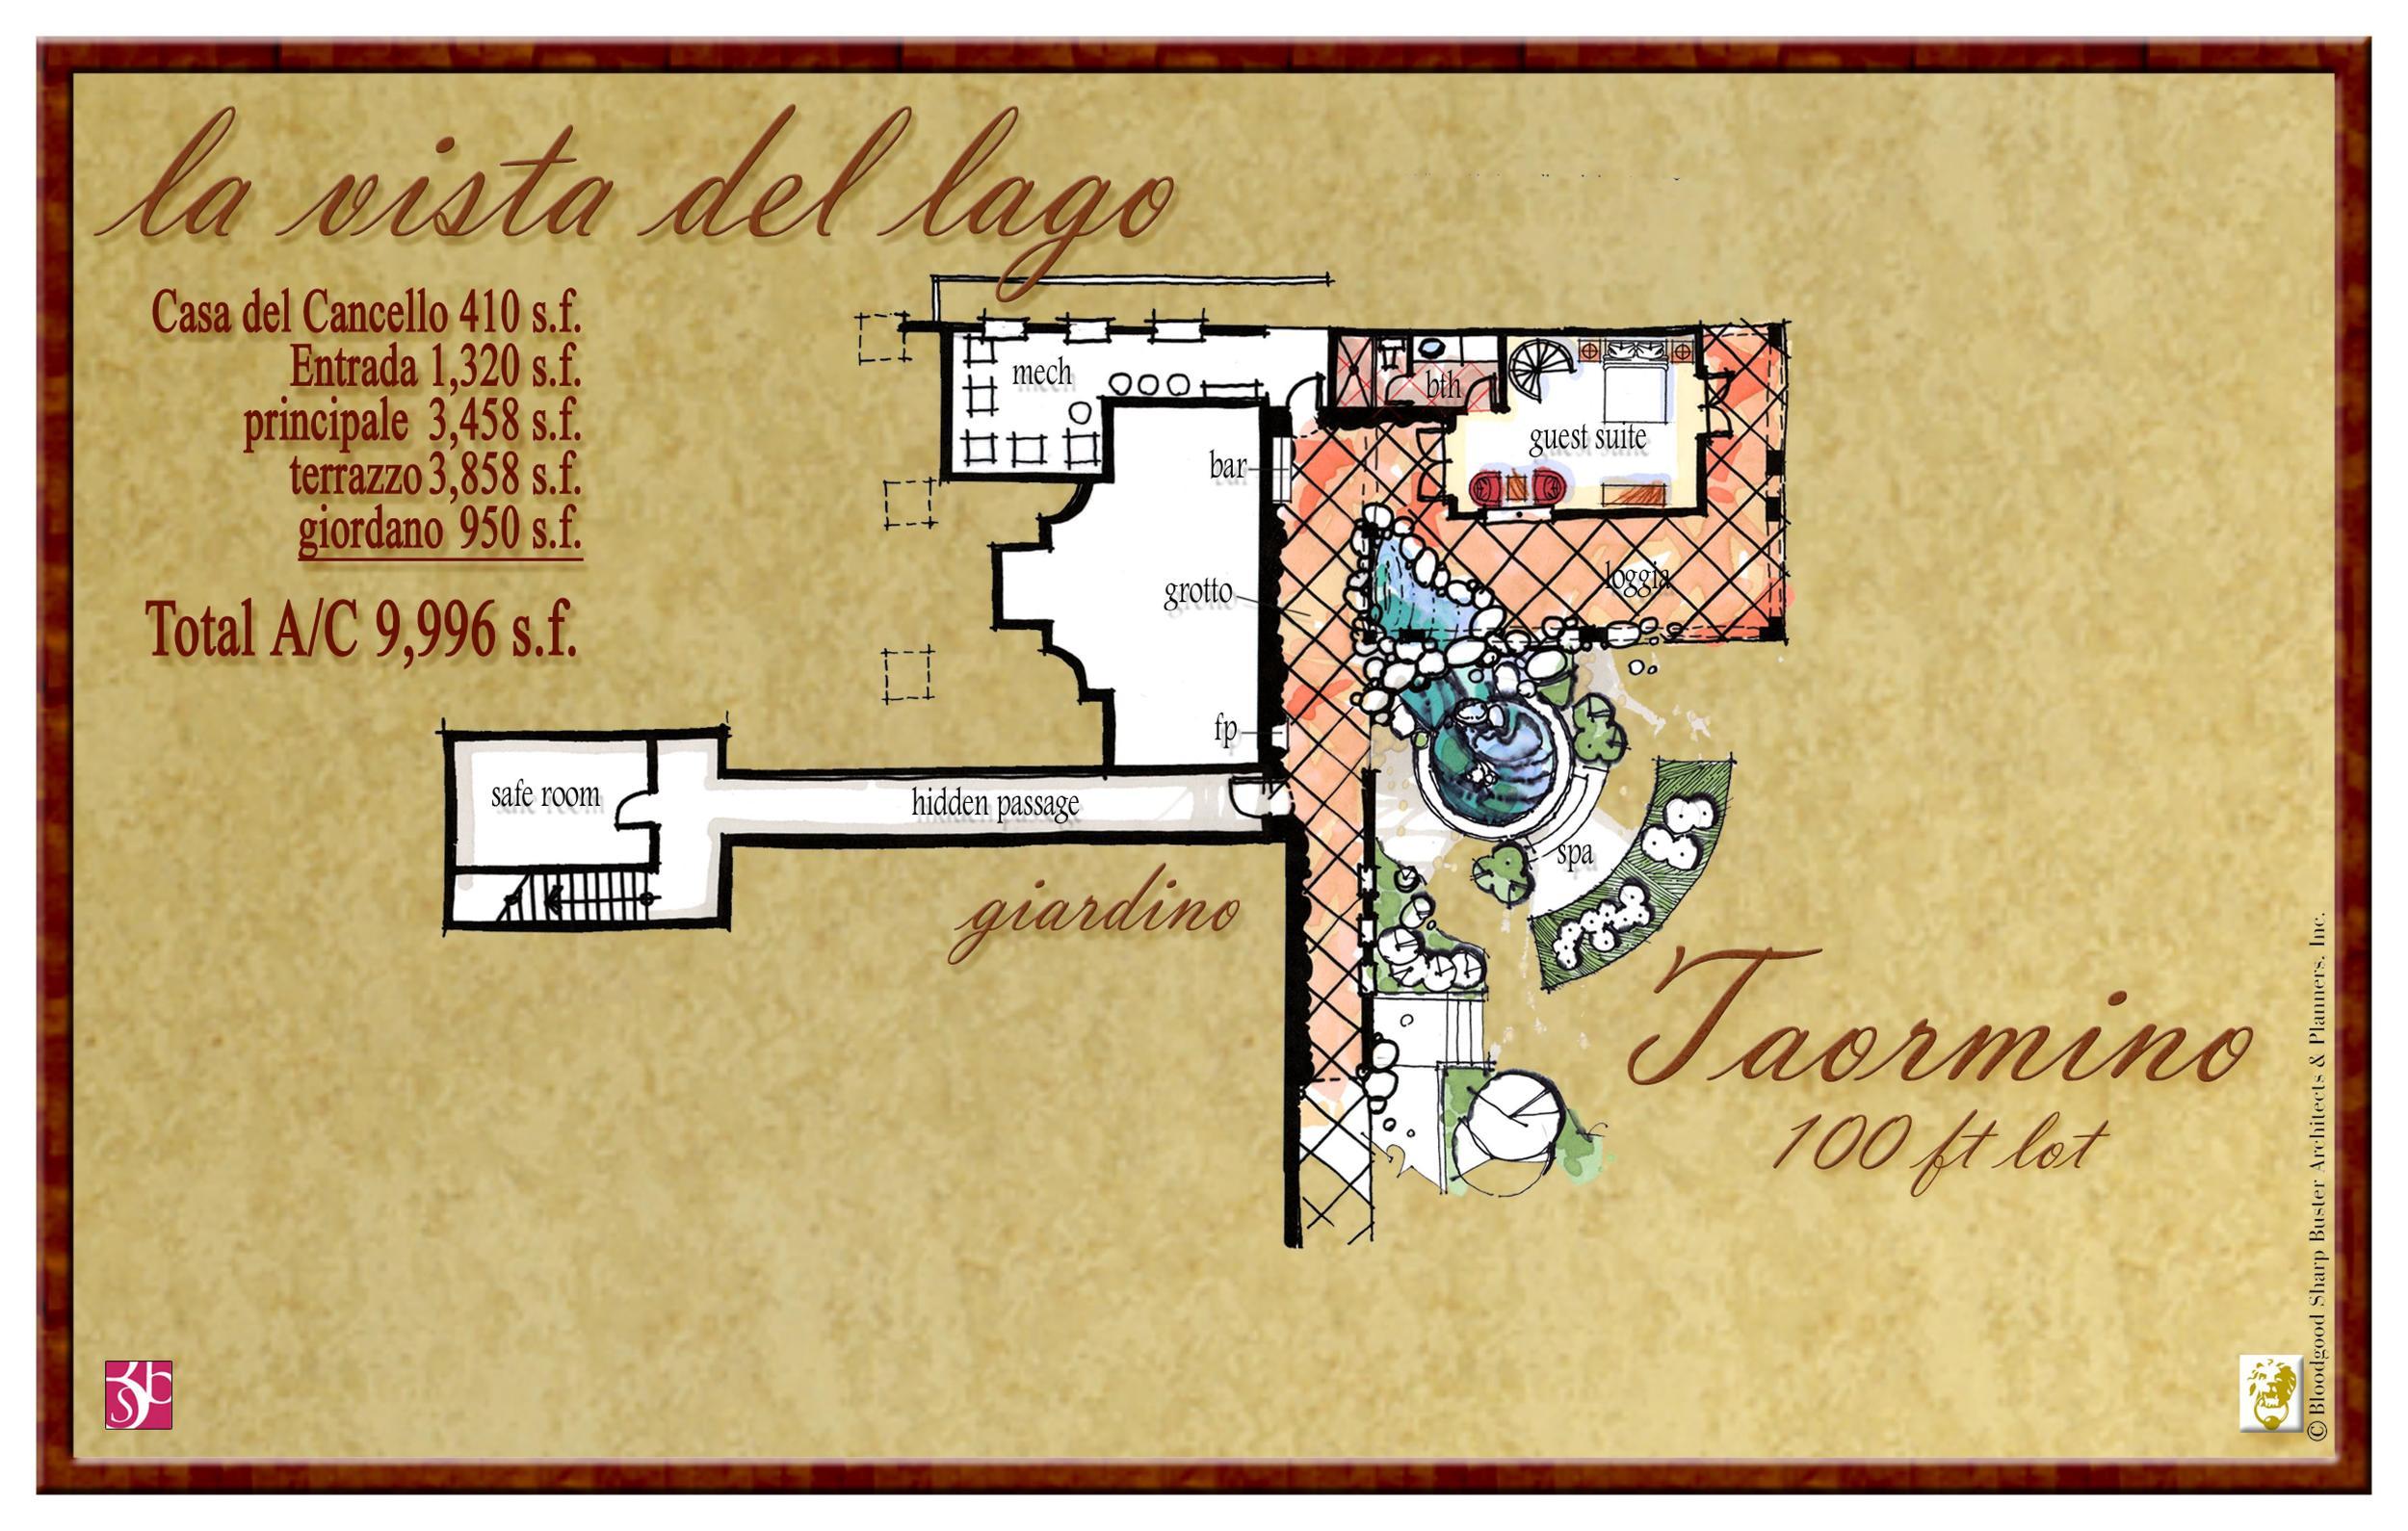 ZZZ O25019,R.L.Vogel,Bella Colina 50,book lake view 4th-page-001.jpg